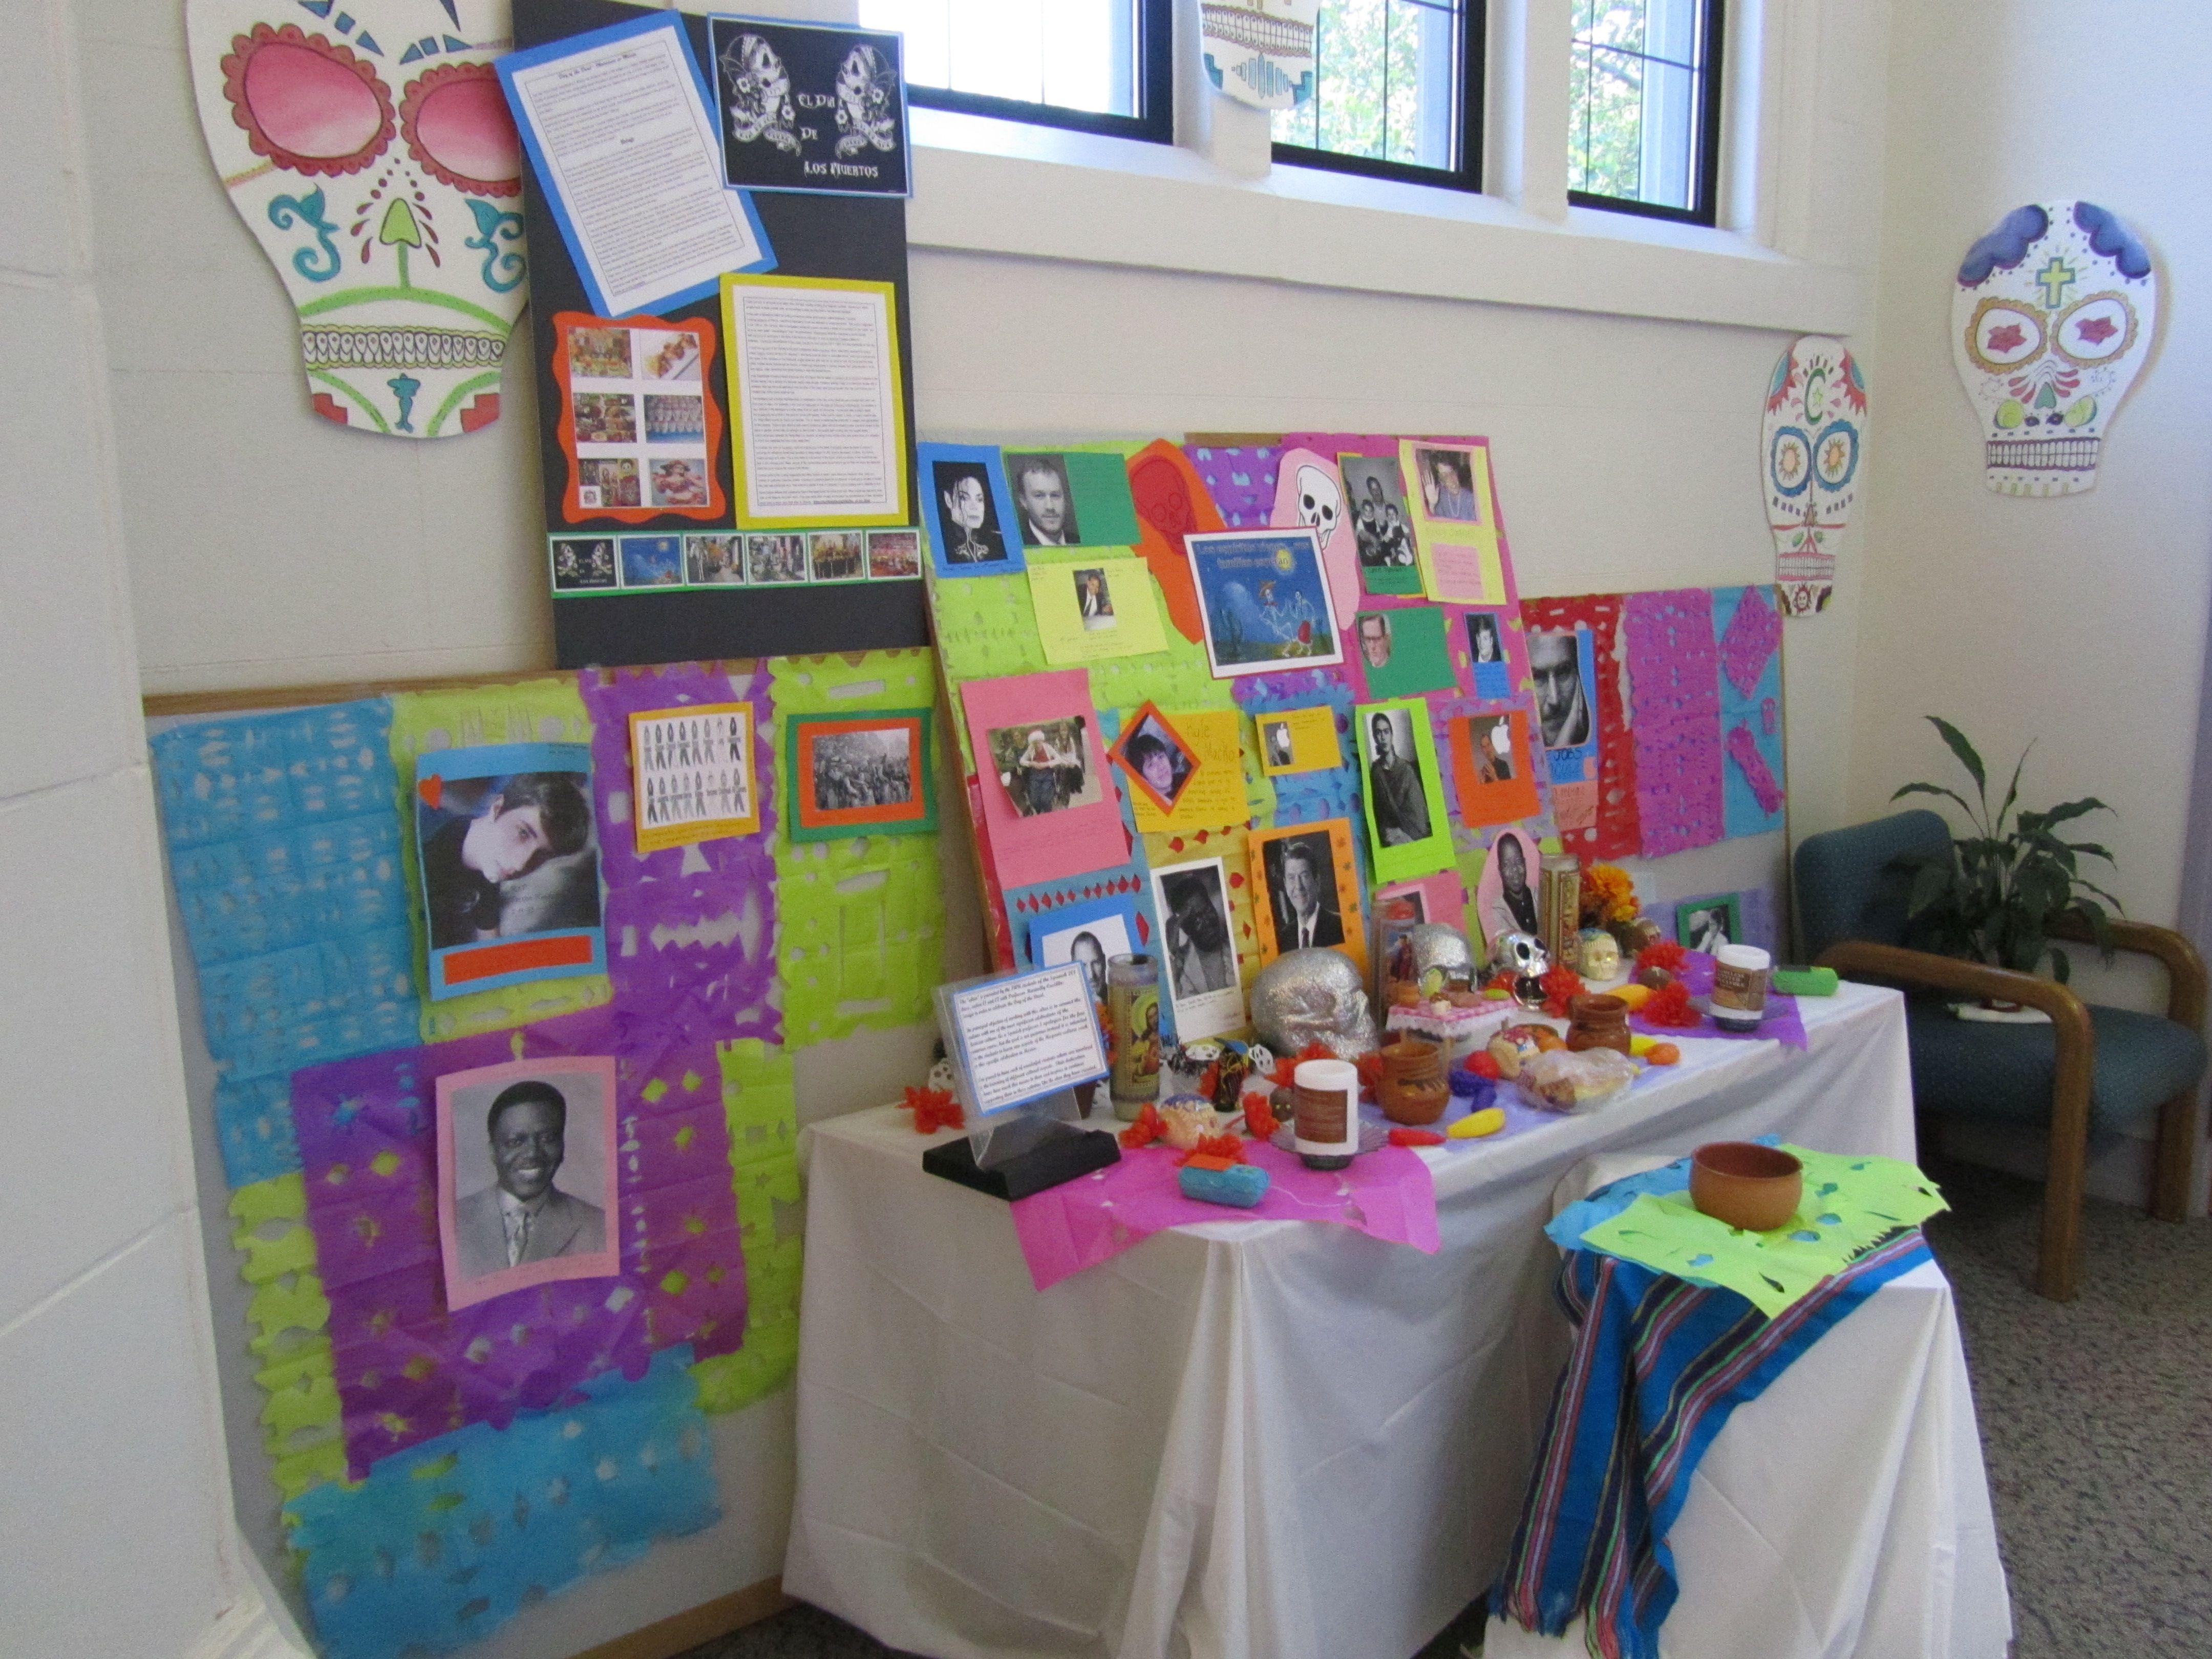 el altar de la clase de la profesora Castillo.